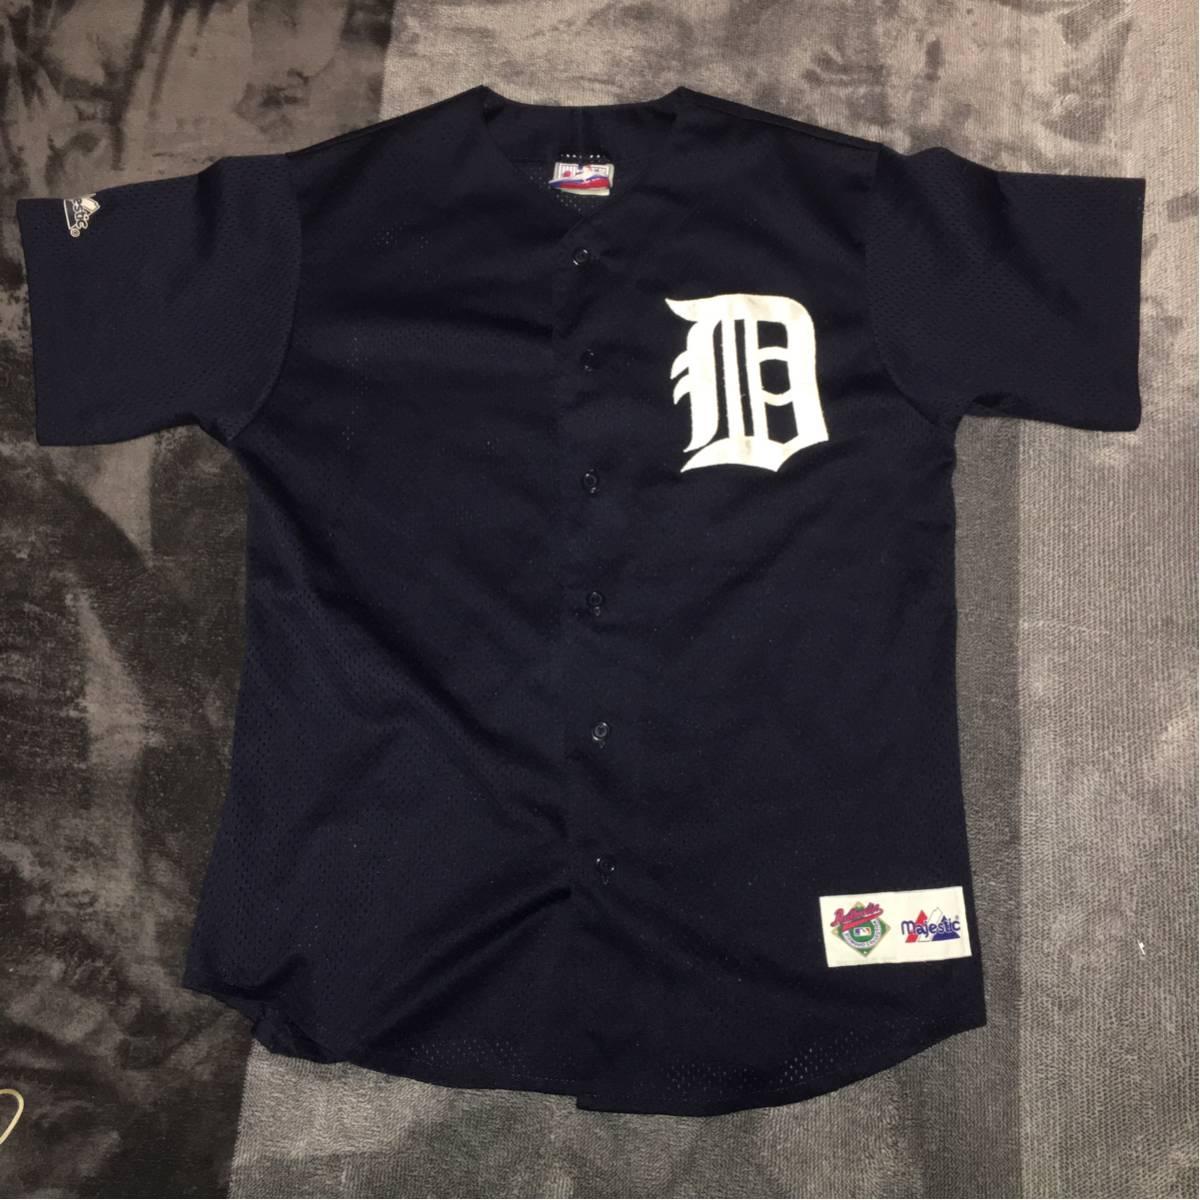 マジェスティック デトロイト タイガース mlb メジャーリーグ ベースボールシャツ majestic M 着丈74cm身幅55cm 肩幅49cm グッズの画像